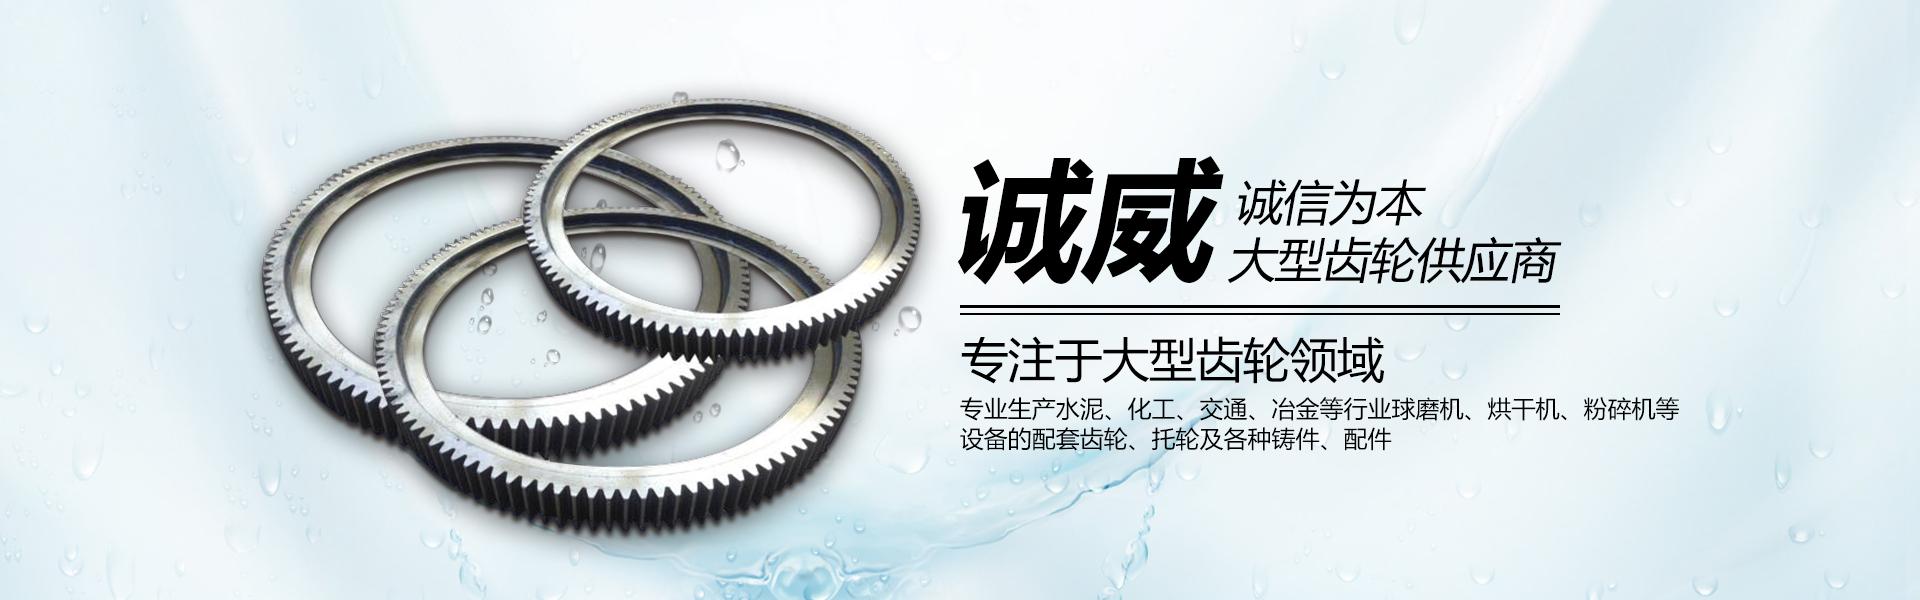 大型齿轮,大齿轮,大齿轮厂家,烘干机大齿轮